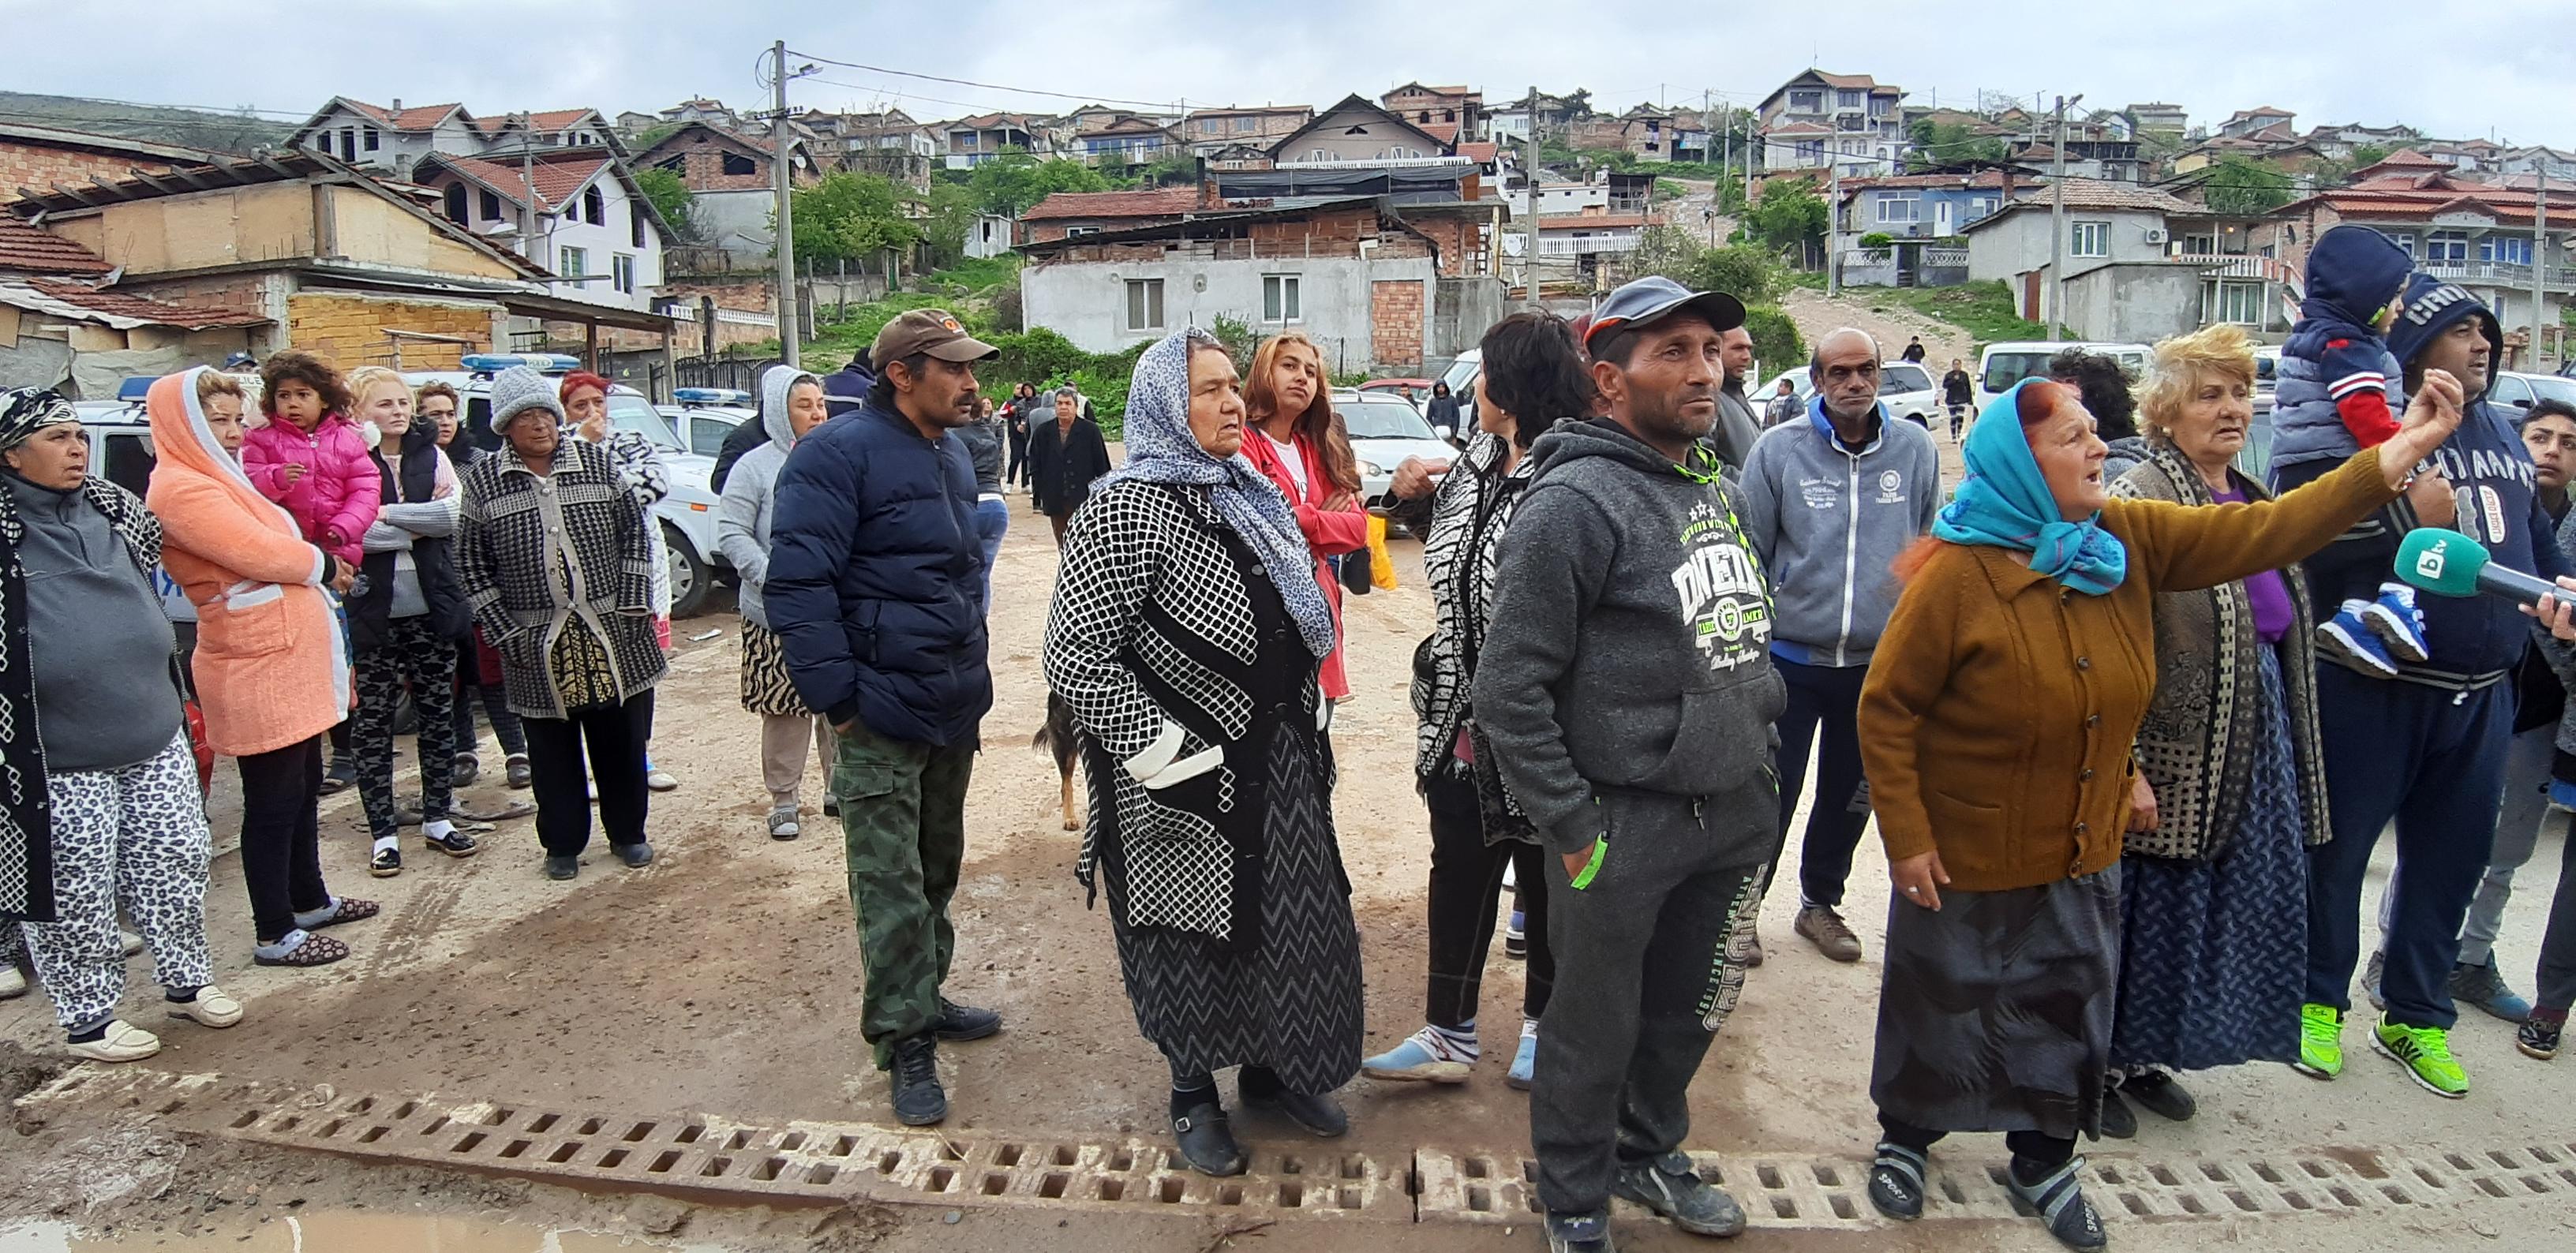 Общо незаконните постройки в района са 54. Собствениците им са получили предизвестията си преди 6 месеца и са били длъжни да ги премахнат в 30-дневен срок